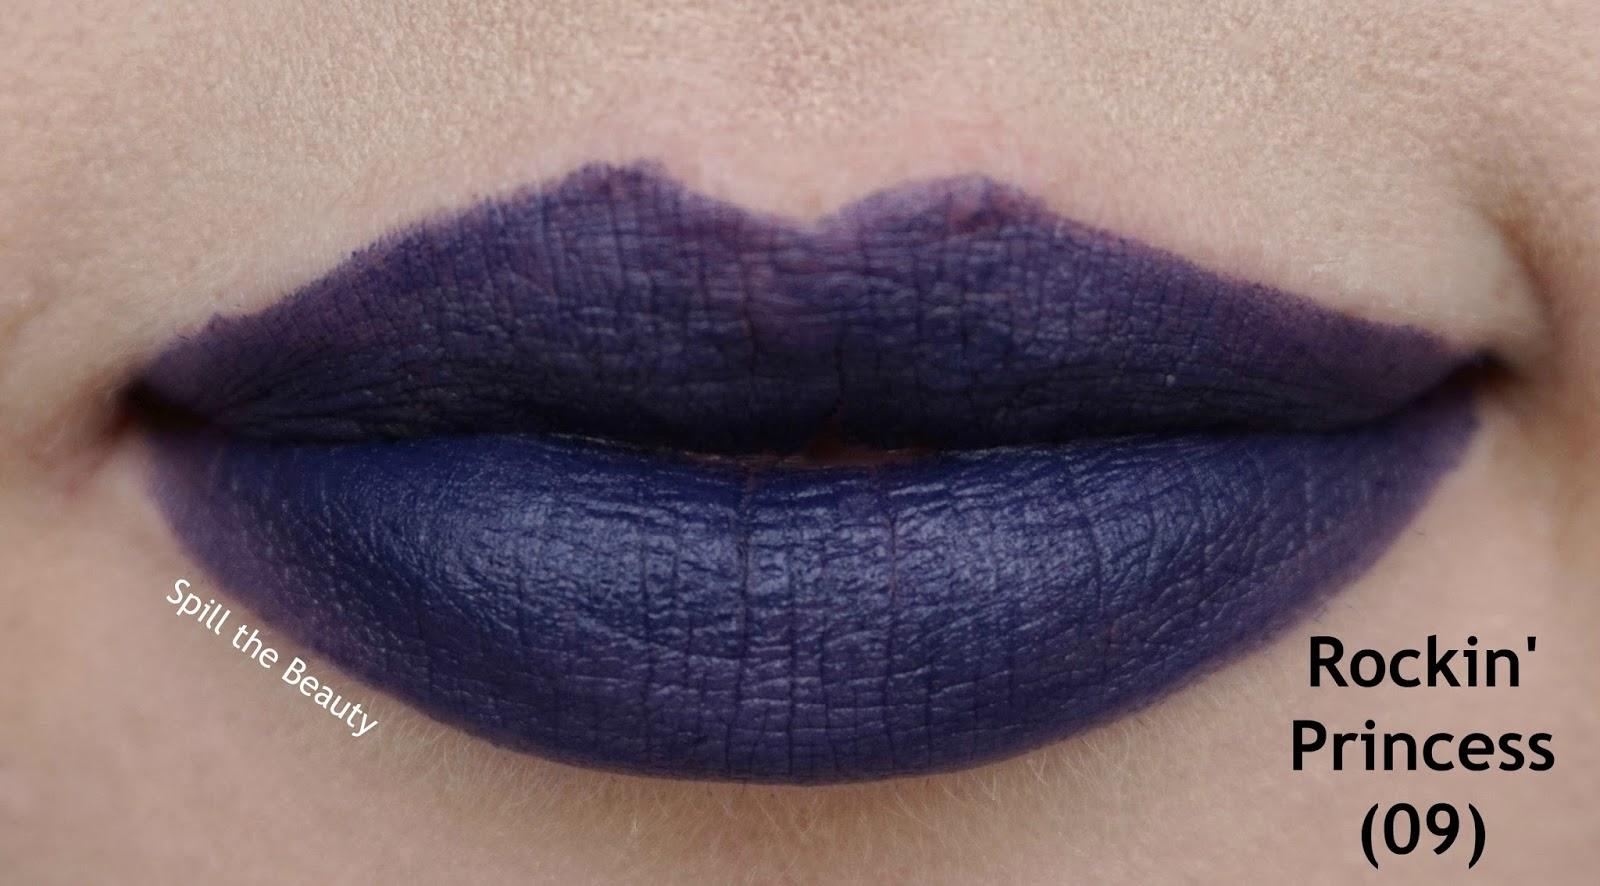 essence matt matt matt vibrant shock lipstick review swatches 09 rockin princess - lips